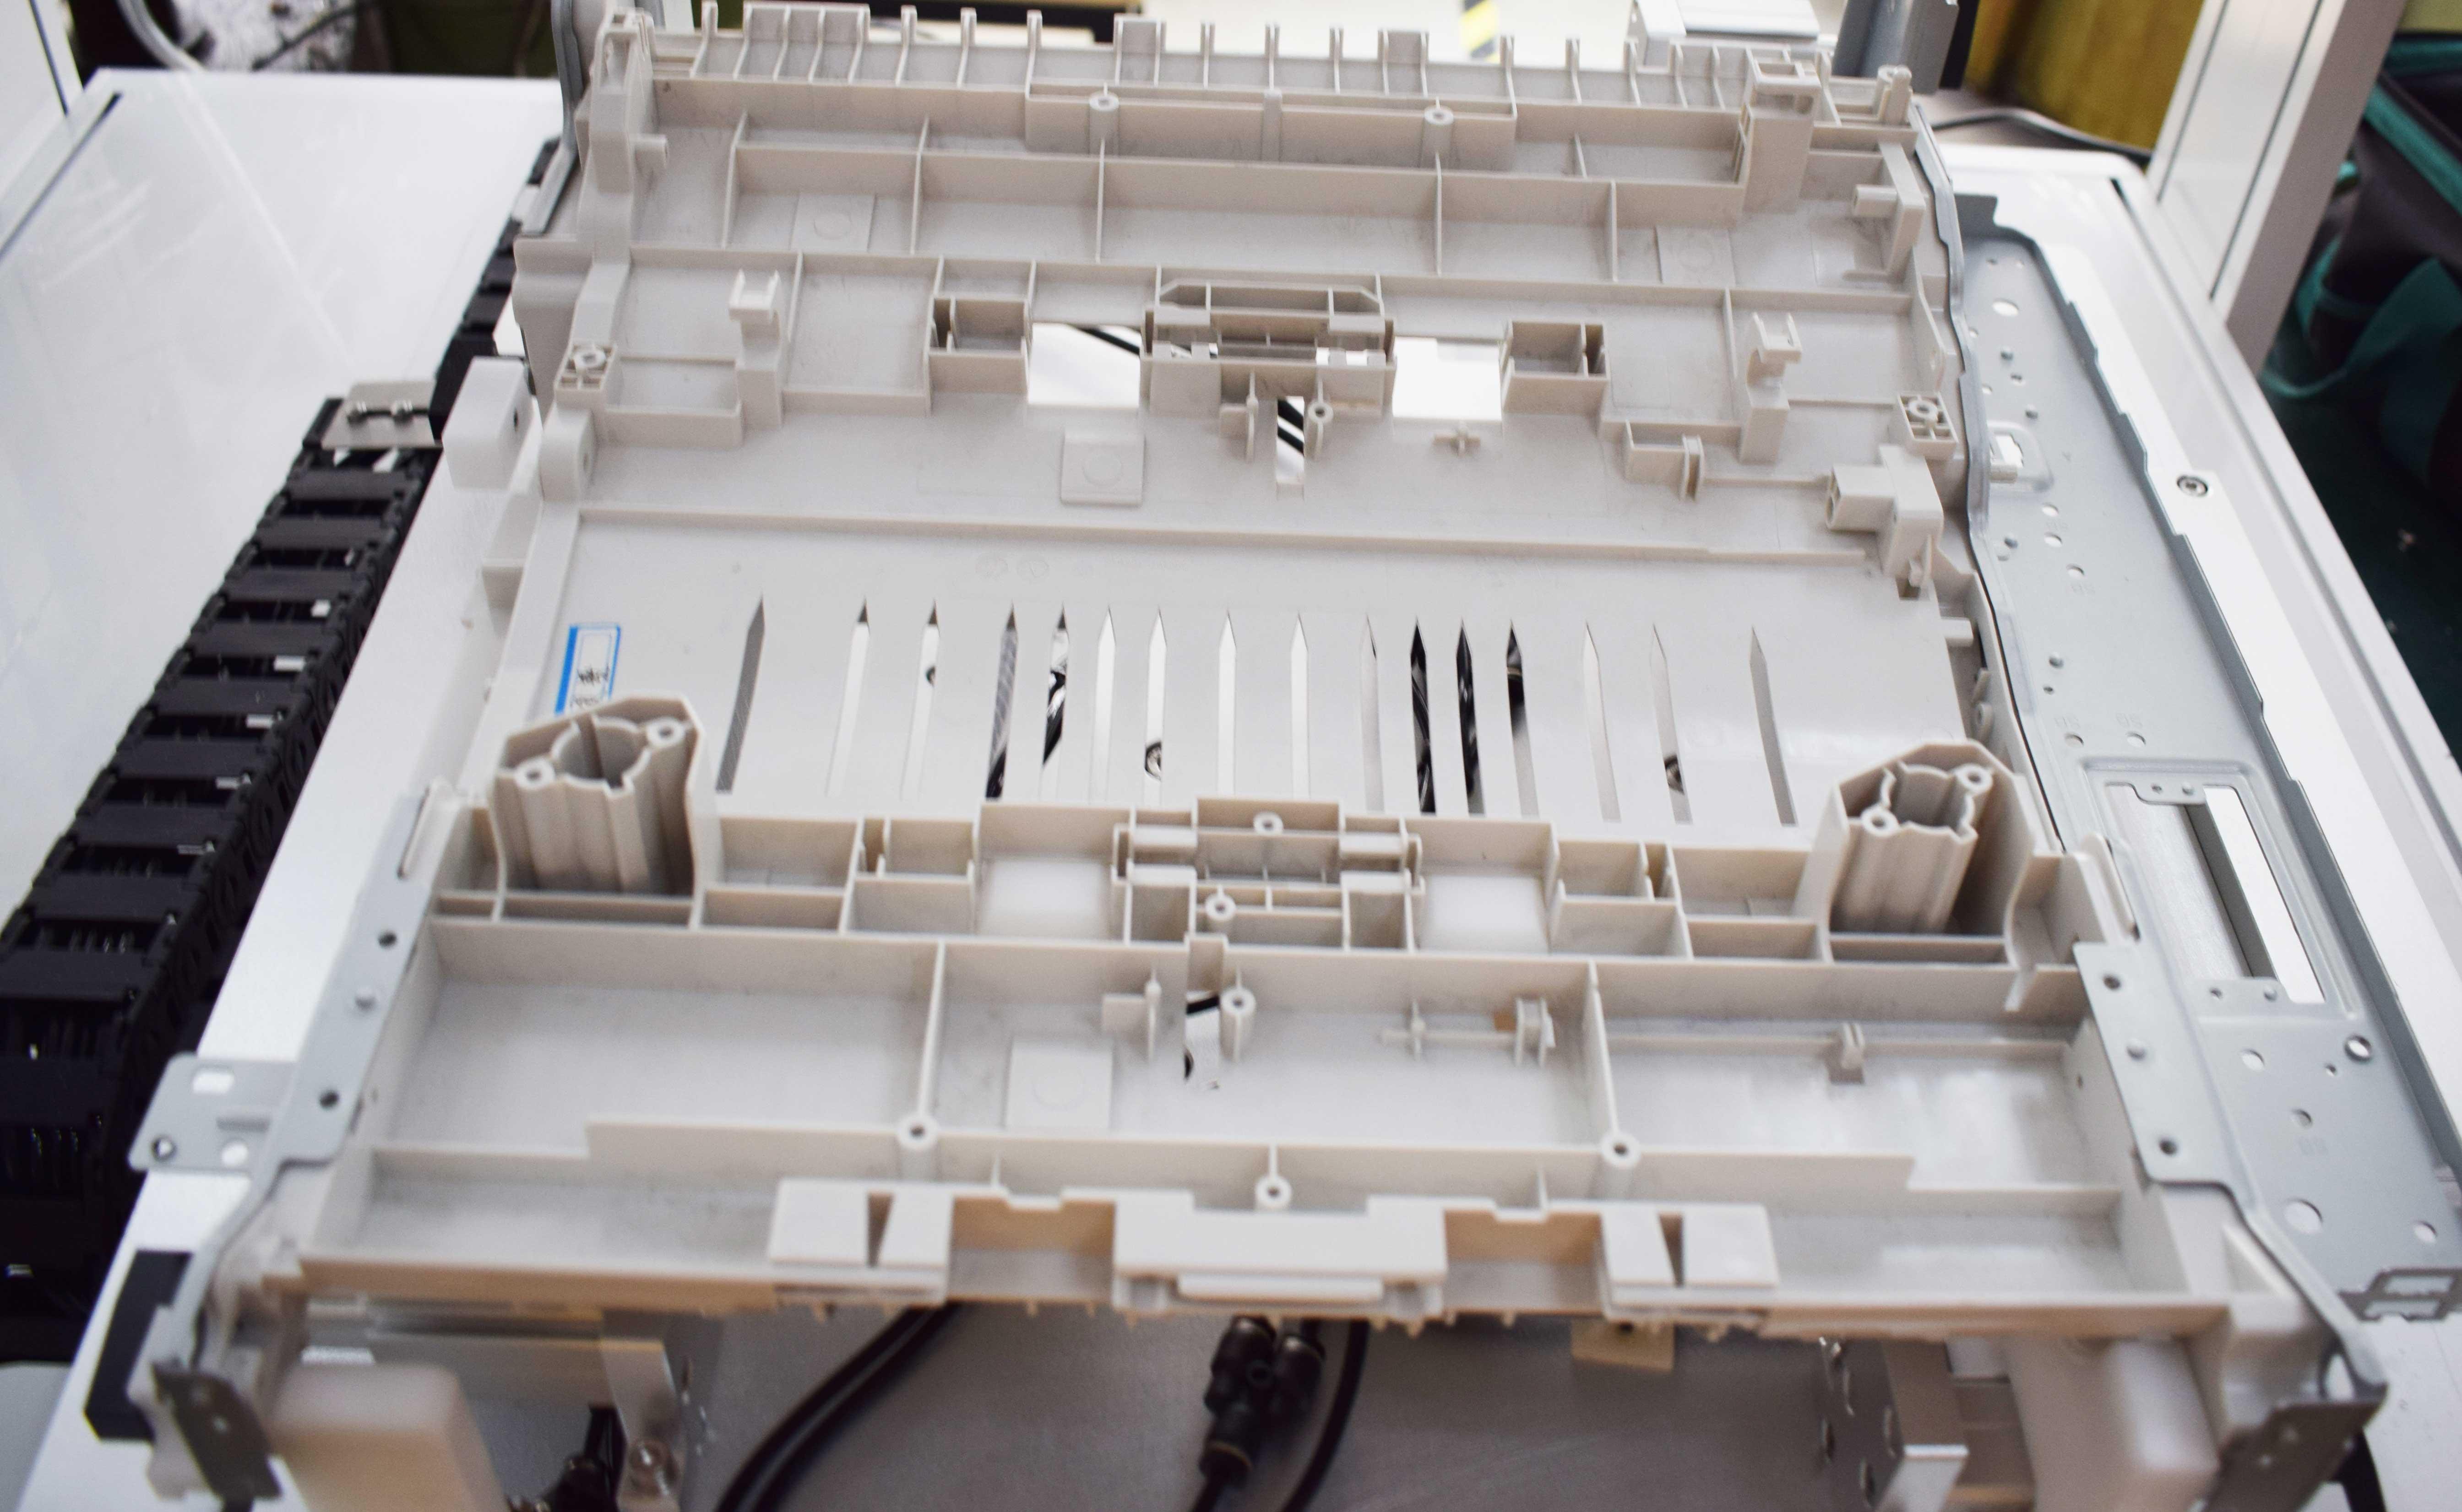 嘉宝自动送锁三极管螺丝机-操作图